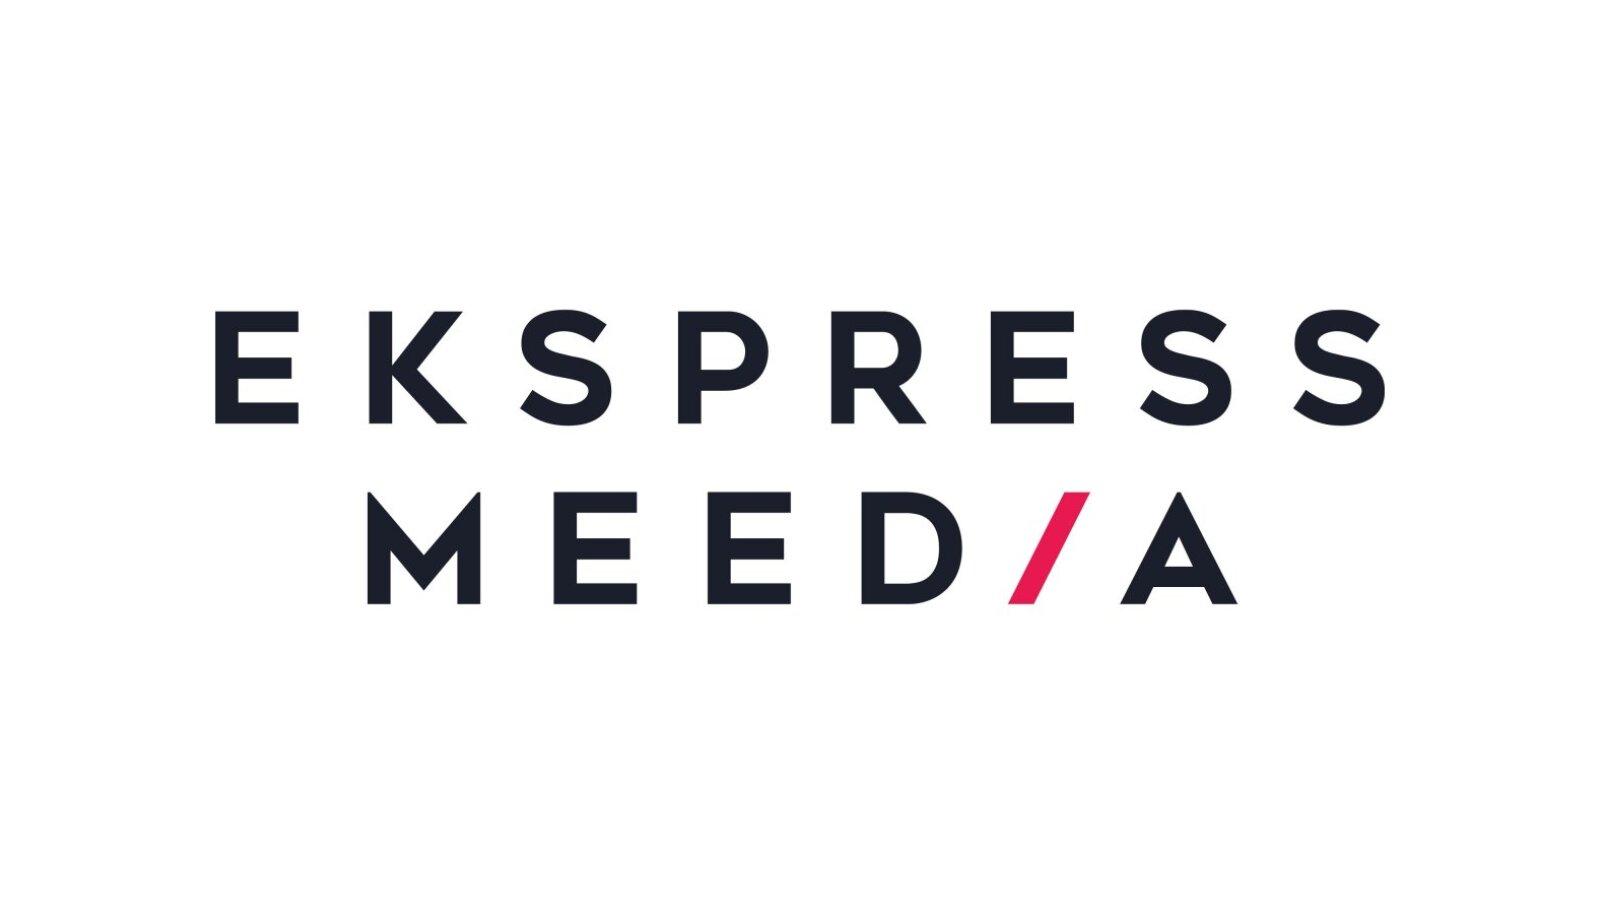 Ekspress Meedia